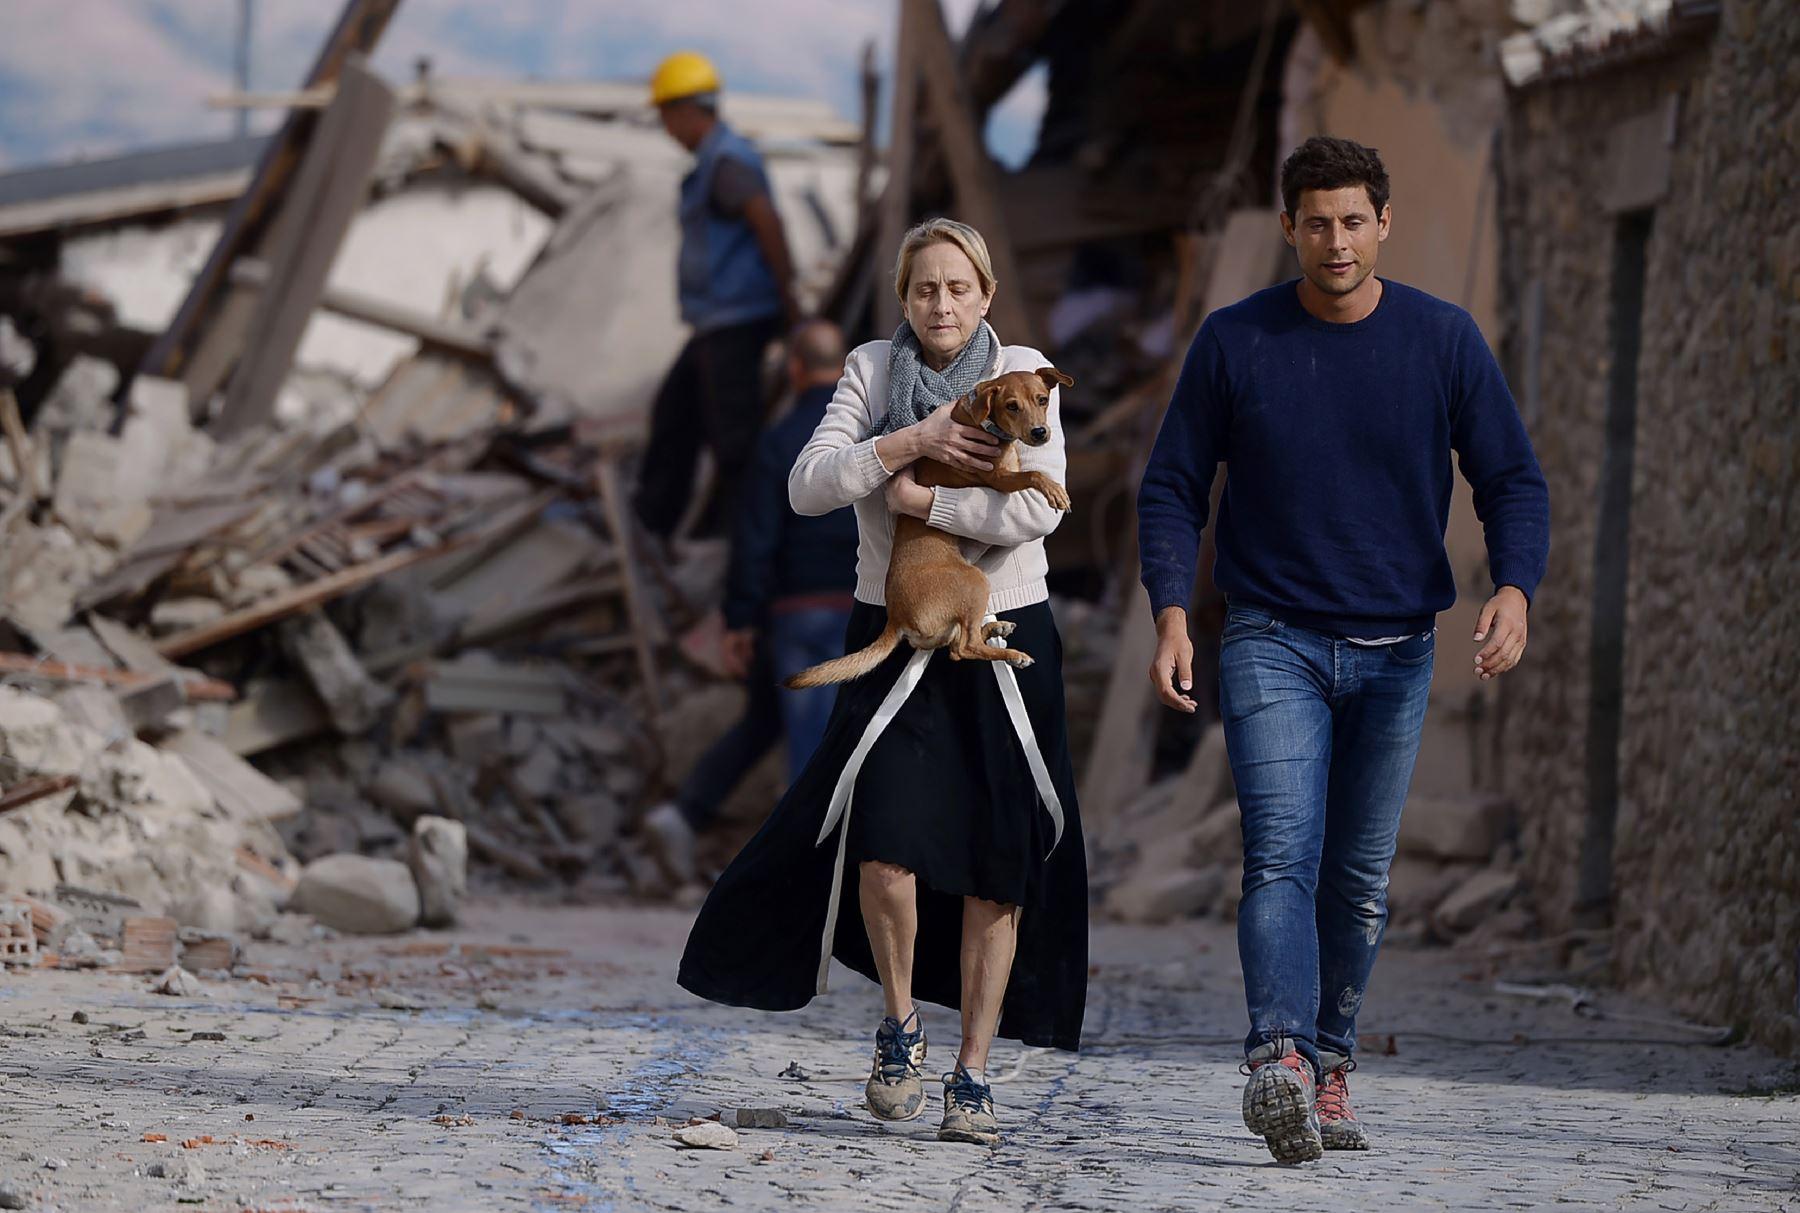 Decenas de muertos en el devastador sismo que sacudió la madrugada del miércoles dos regiones del centro de Italia. Foto: AFP